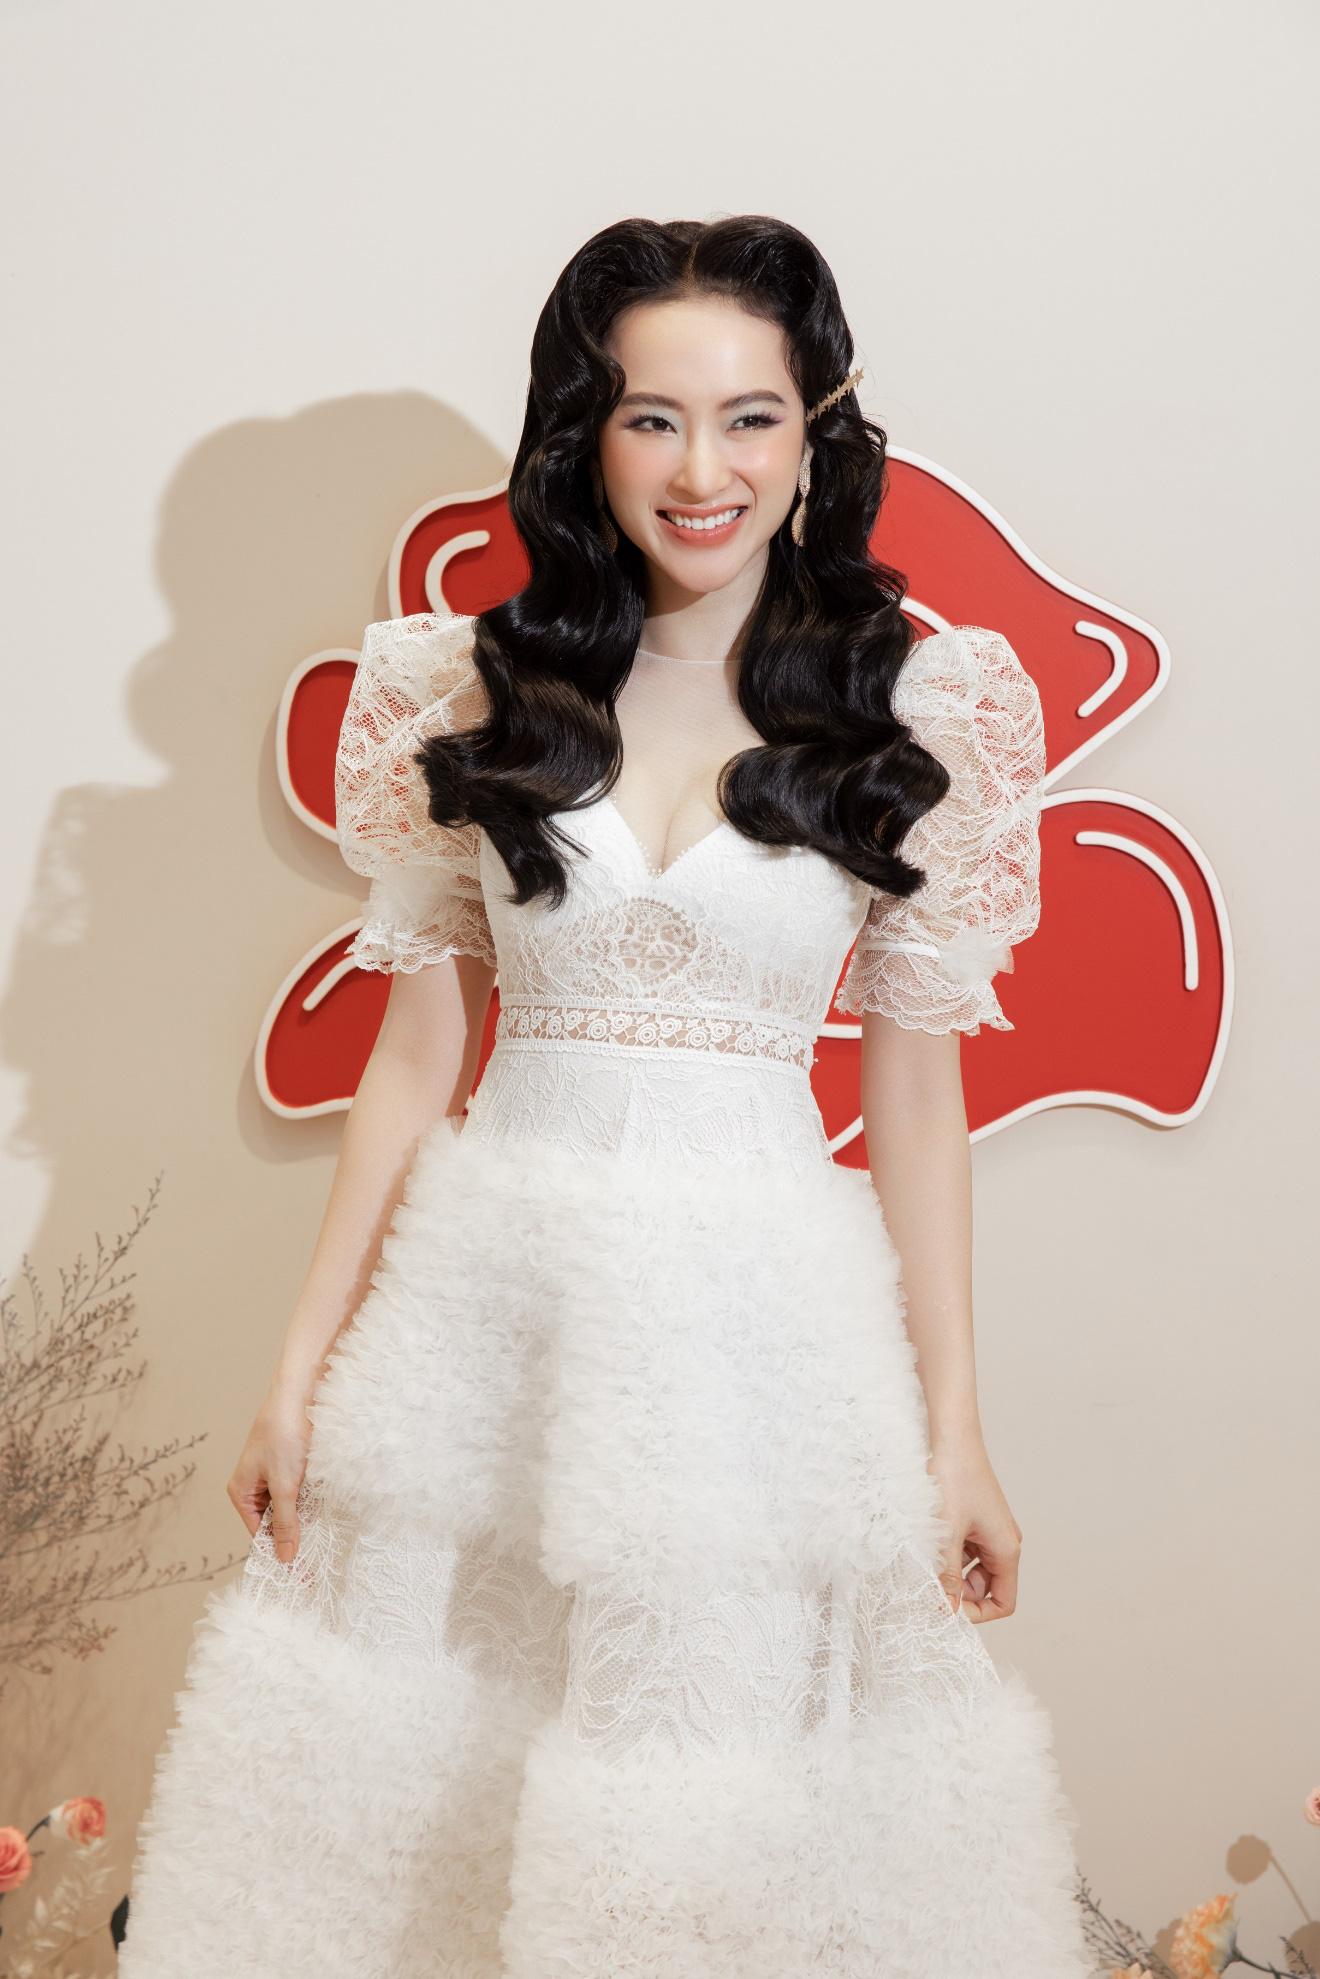 Angela Phương Trinh chính thức trở thành đại sứ thương hiệu thời trang Cindy C. - Ảnh 4.